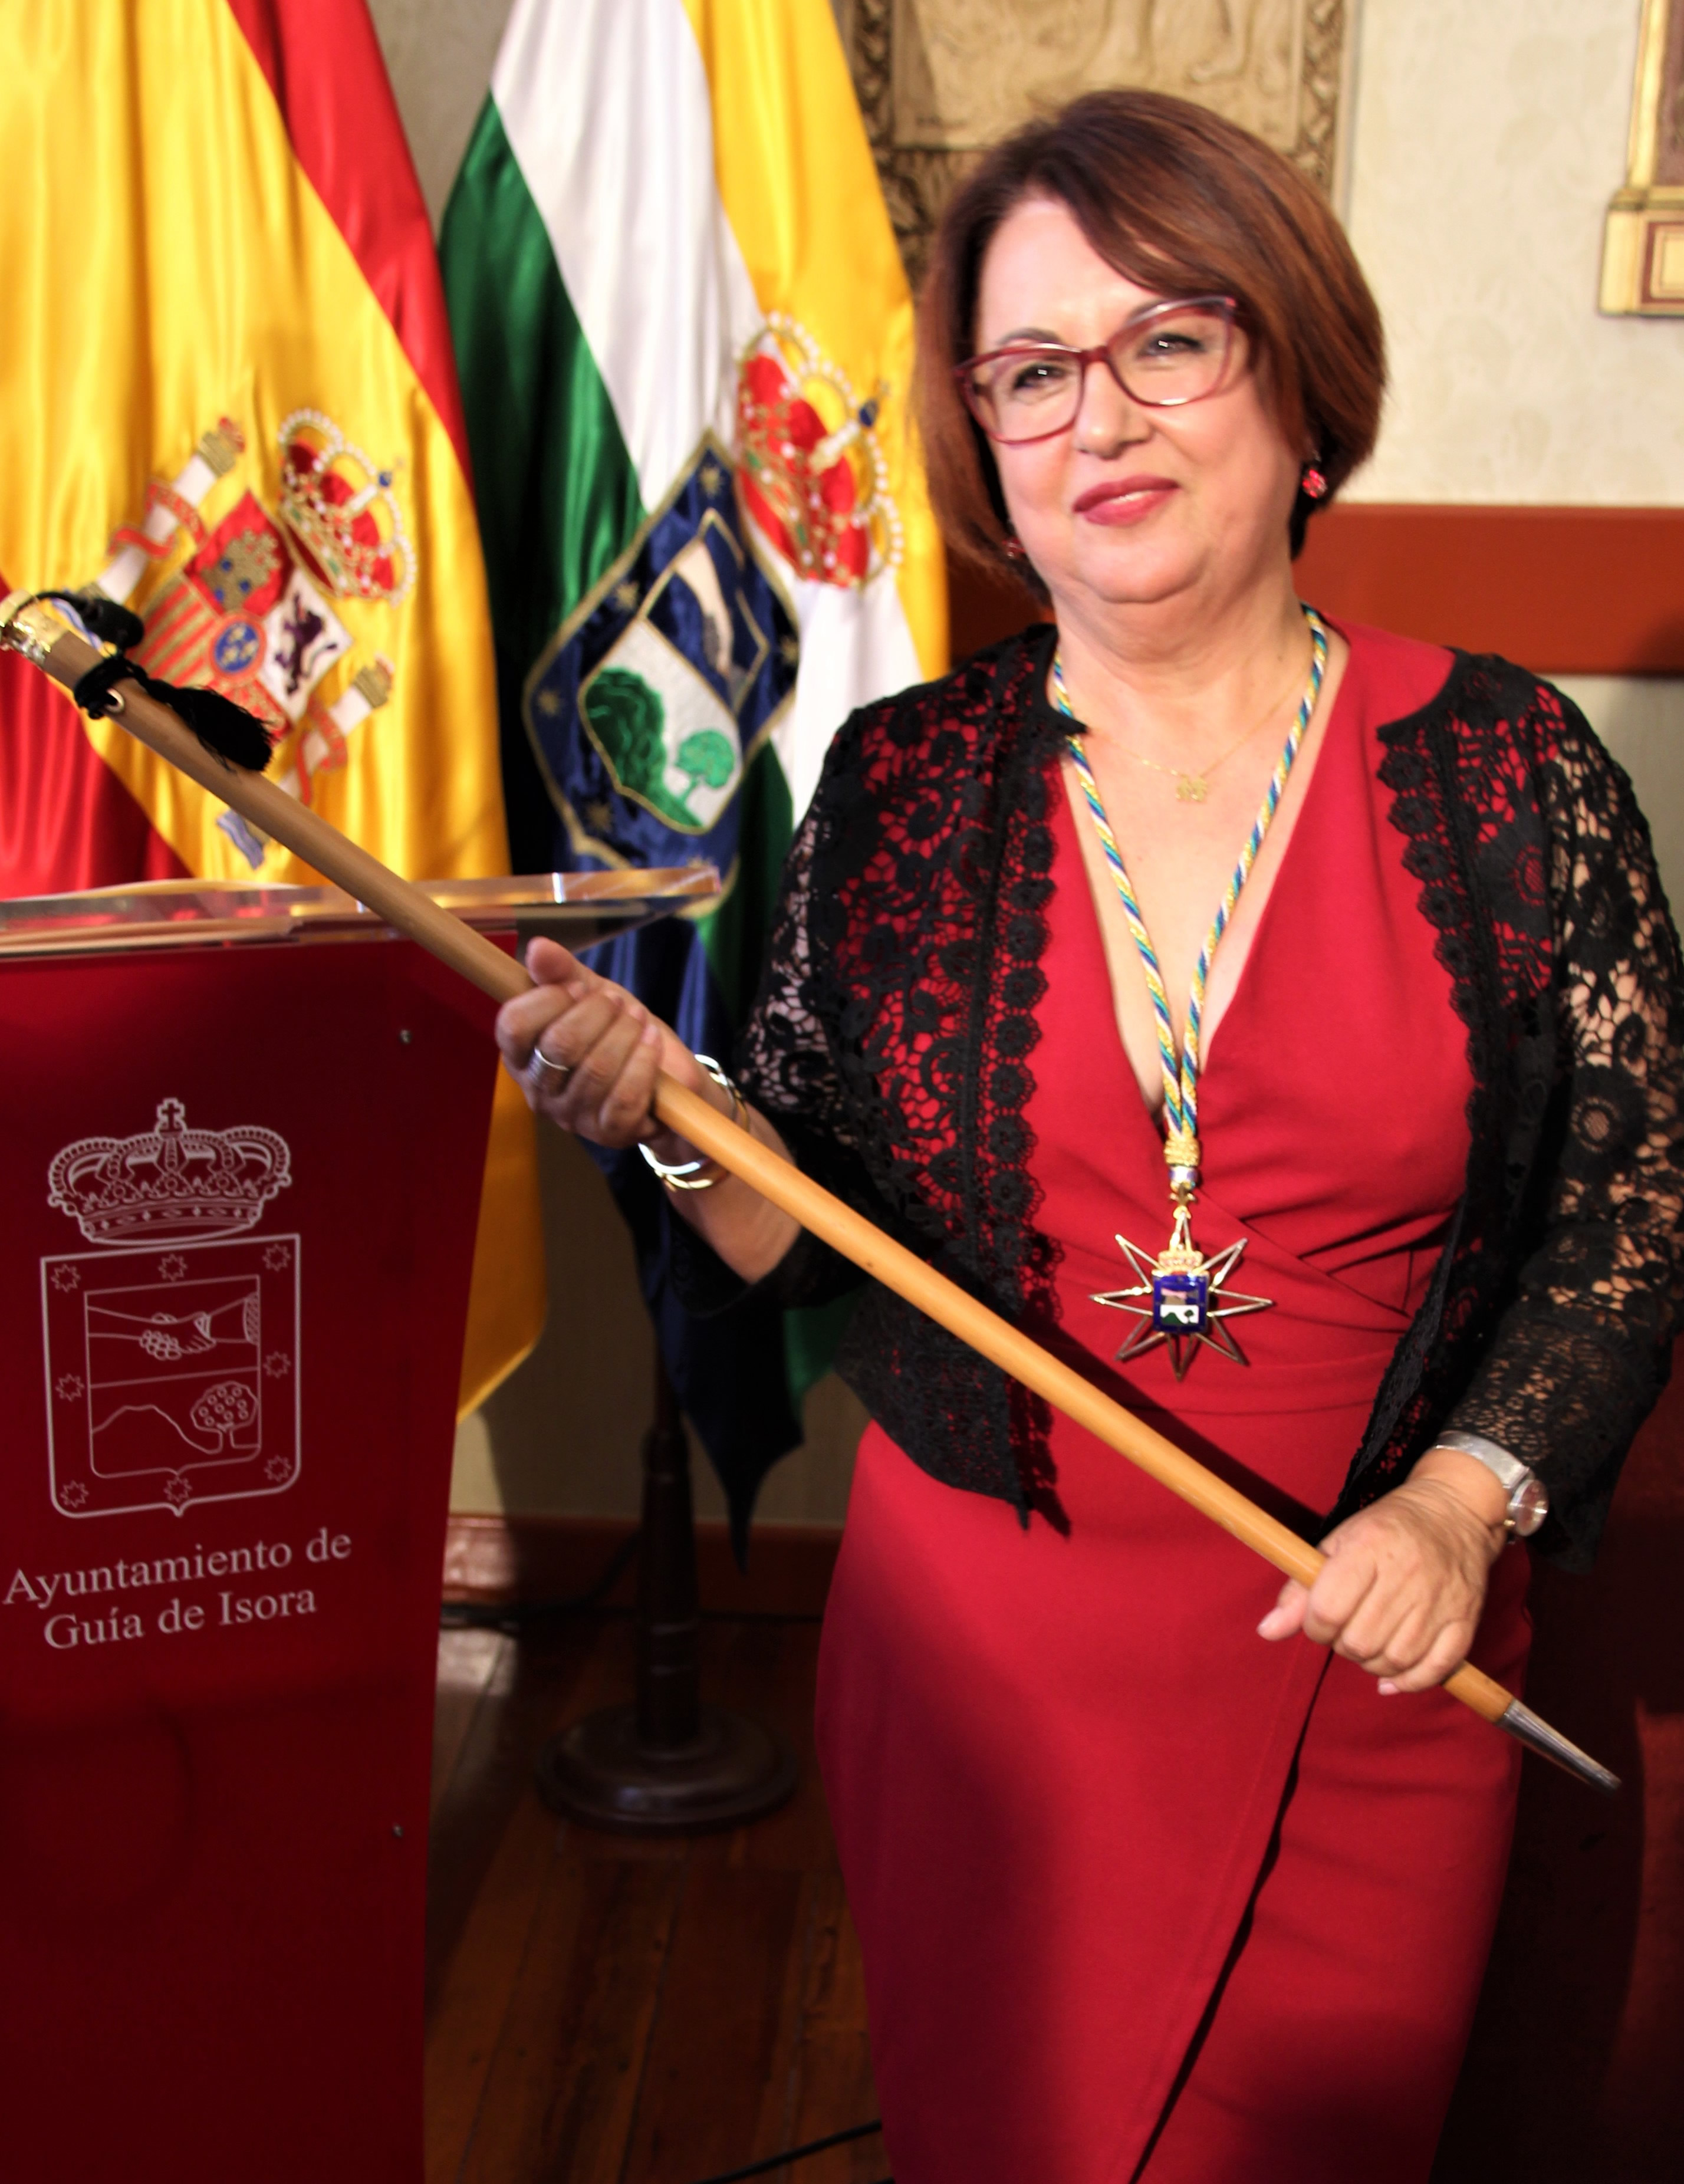 Josefa María Mesa Mora